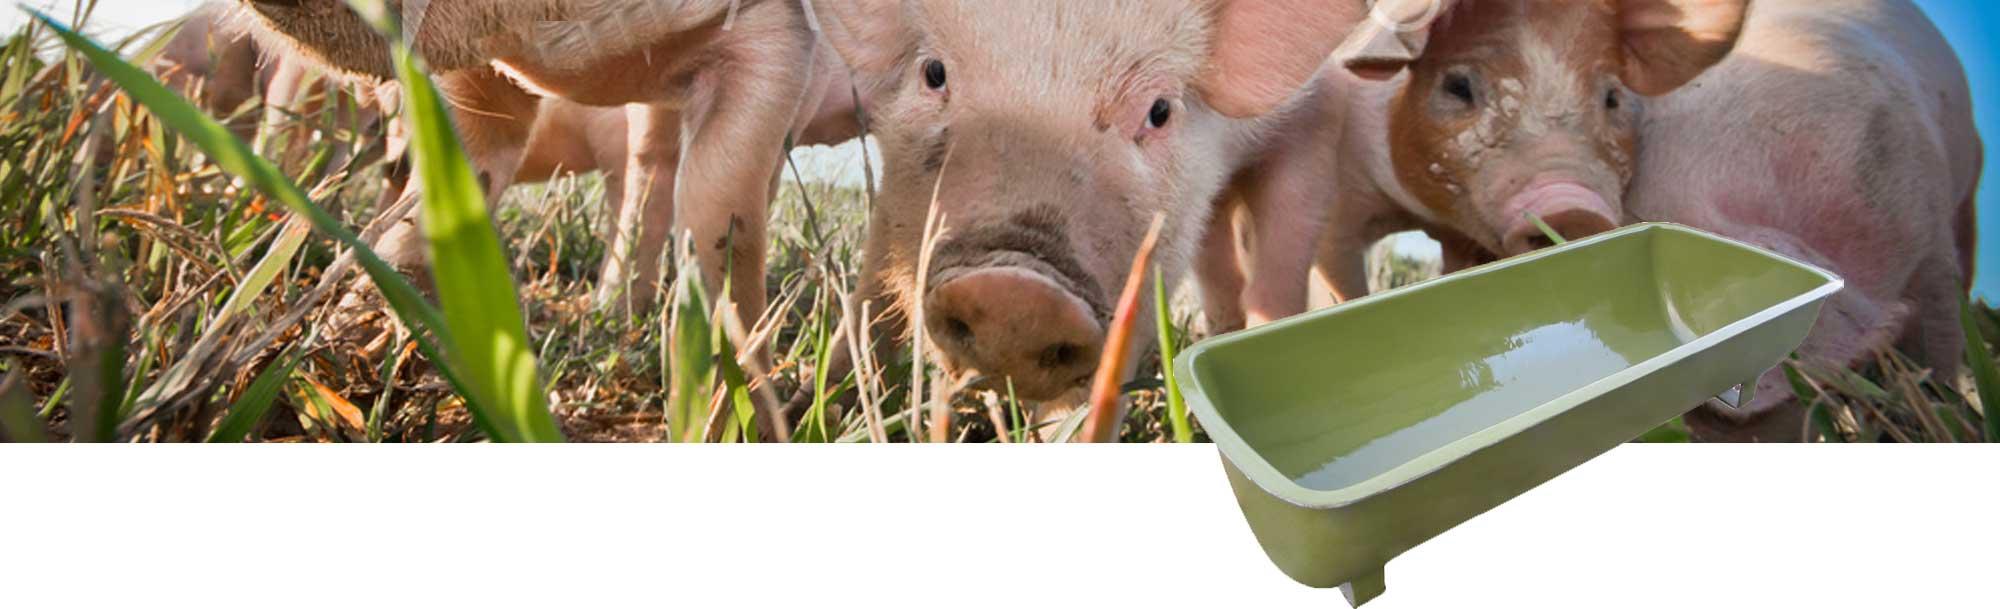 Schweine Futtertrog aucg Sautrog genannt